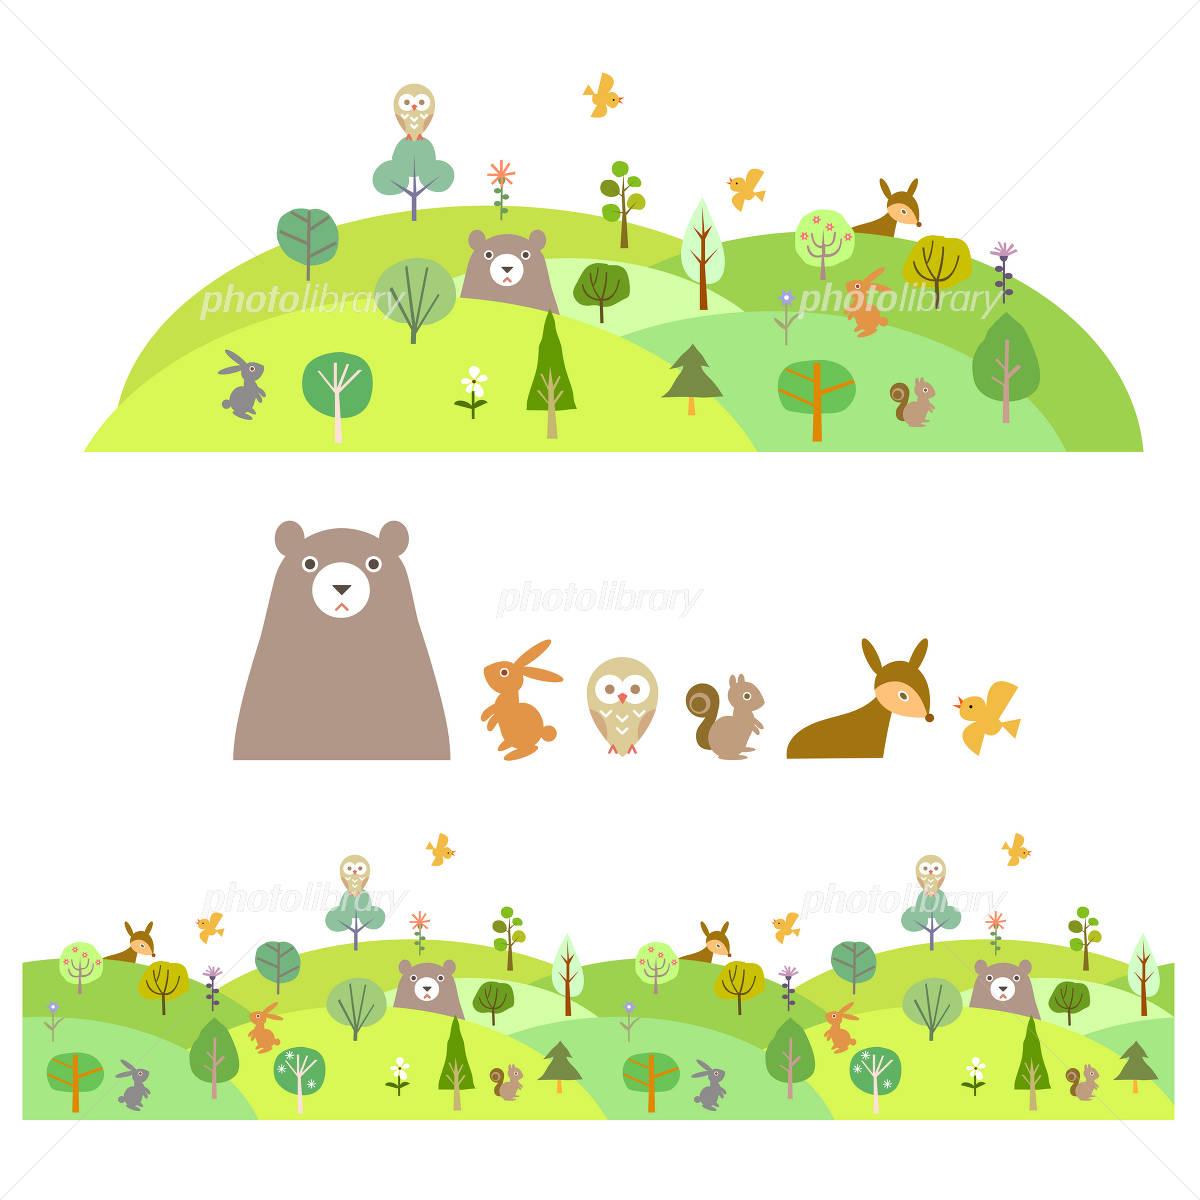 森 動物 木 緑 イラスト イラスト素材 1919567 フォトライブラリー